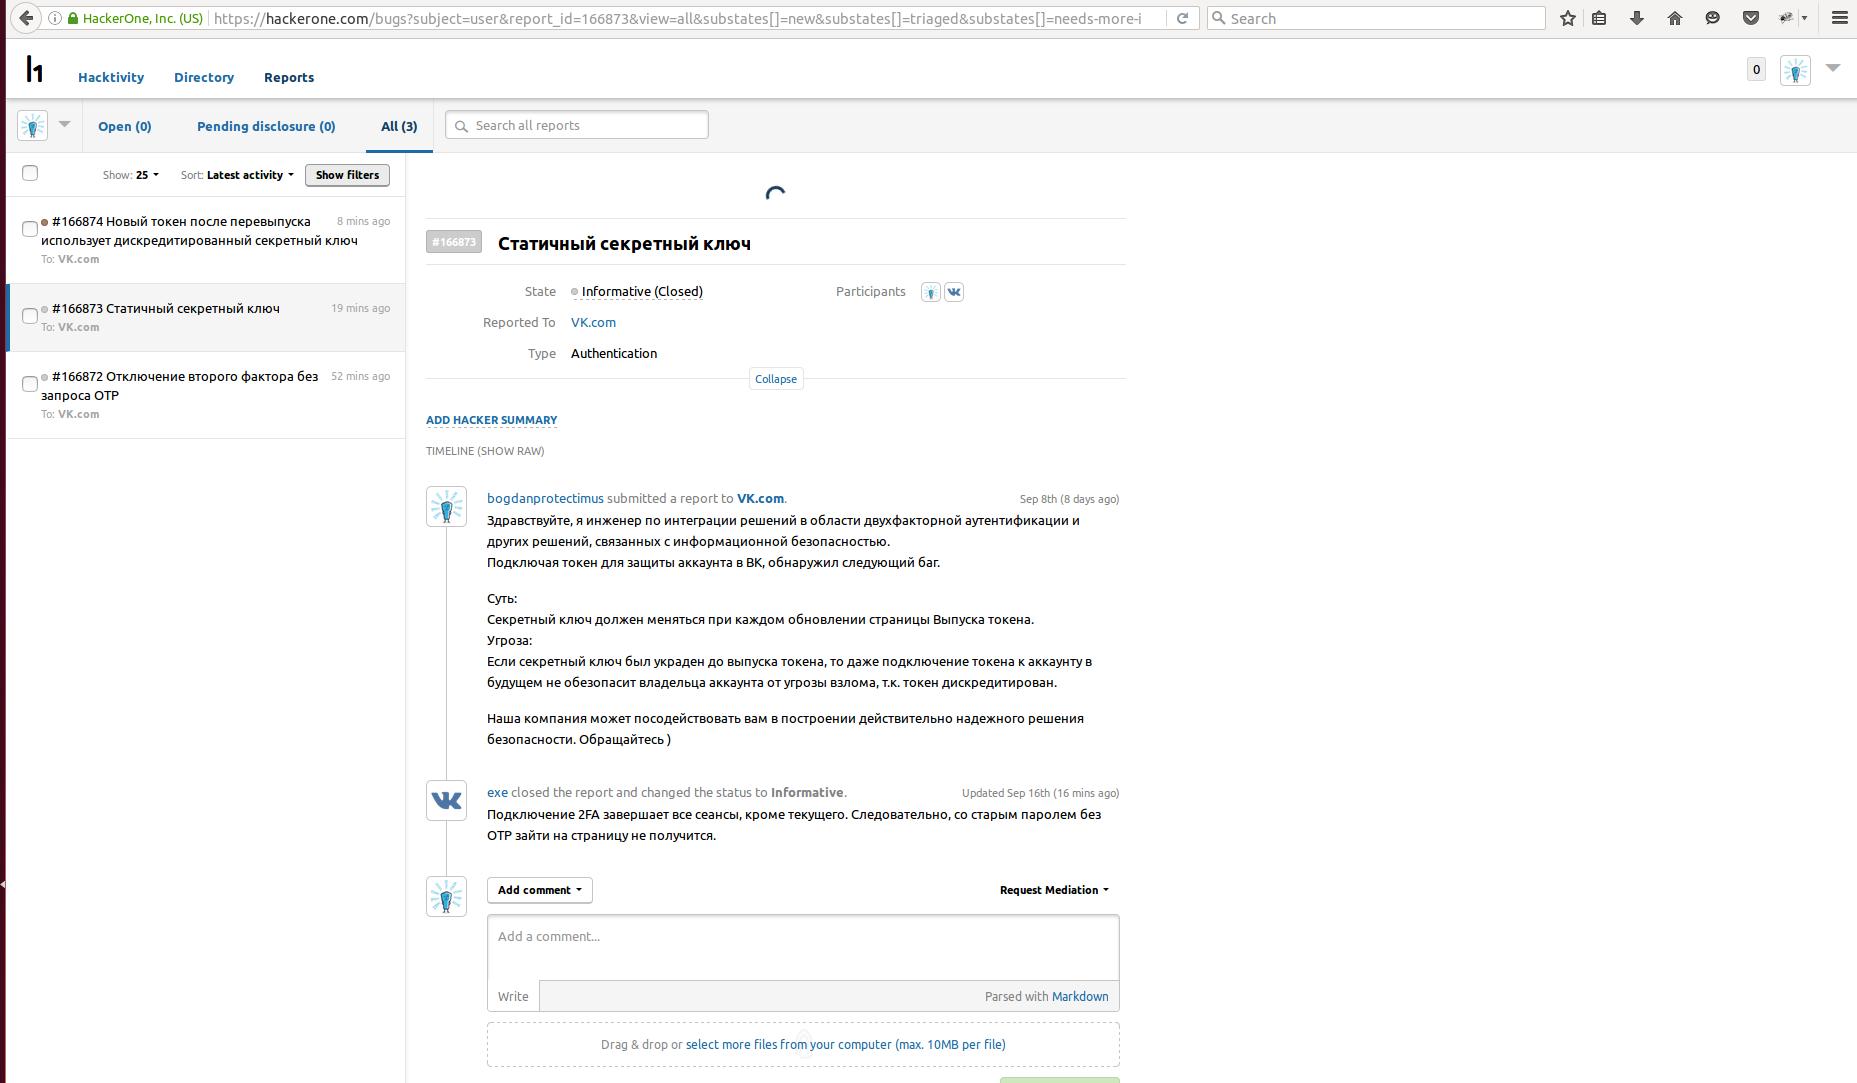 Двойная аутентификация Вконтакте — секс или имитация? - 2